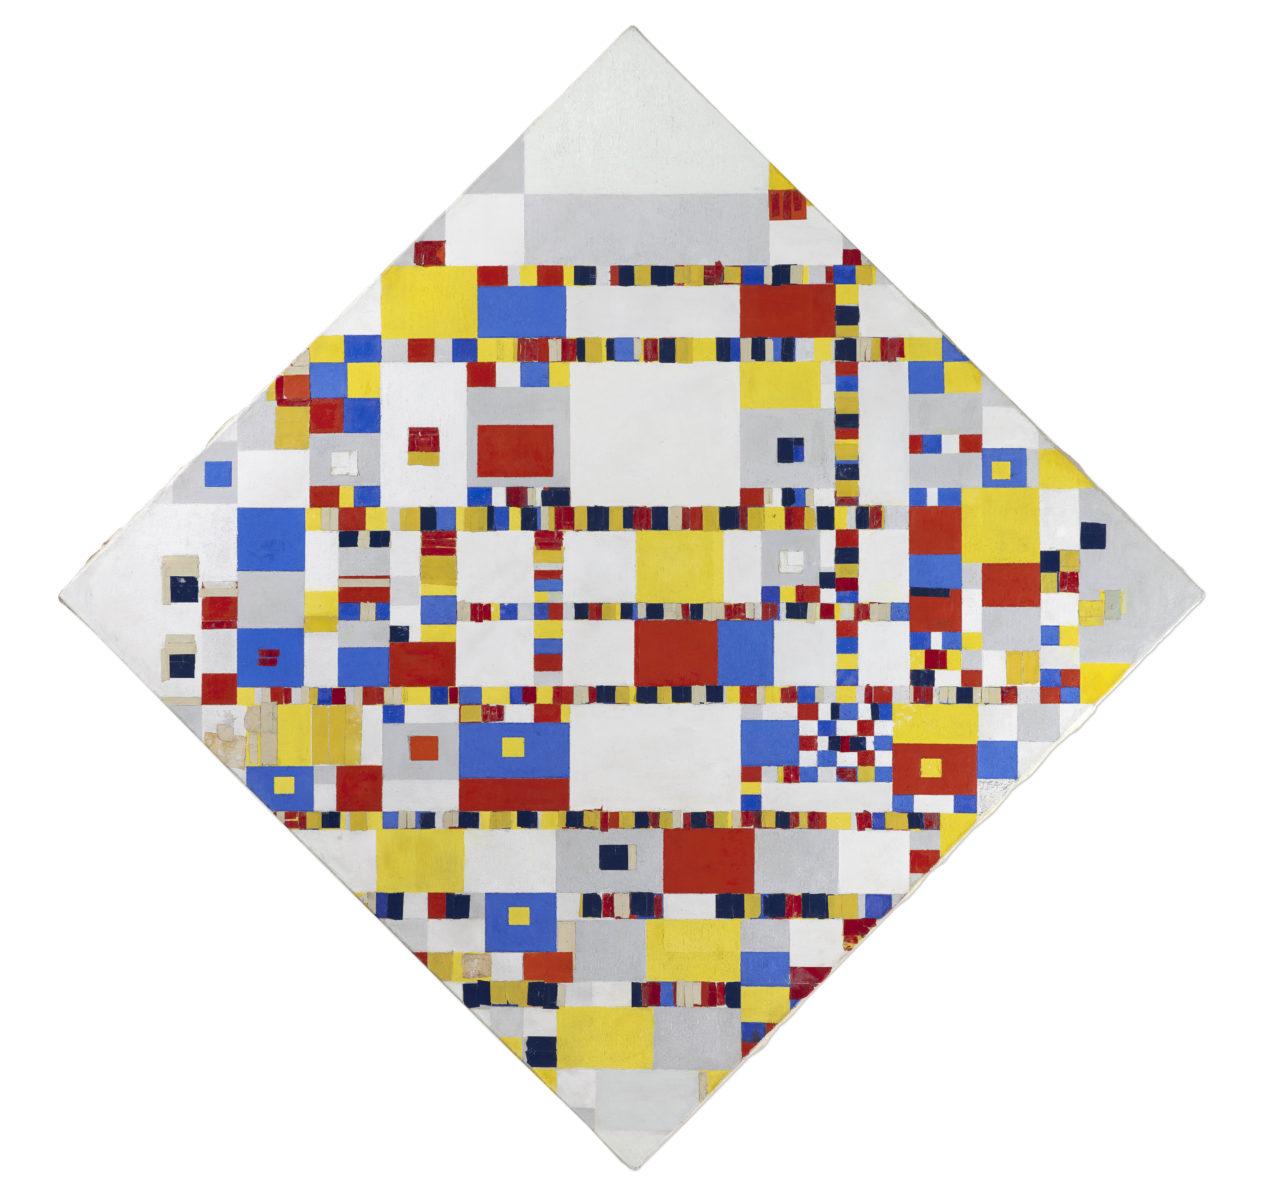 Piet Mondrian (1872-1944), Victory Boogie Woogie, 1942/1944 (New York). Dauerleihgabe Instituut Collectie Nederland, Amsterdam. Öl, Holzkohle und Bleistift auf Leinwand 127,5 x 127,5 cm. Gemeentemuseum Den Haag.